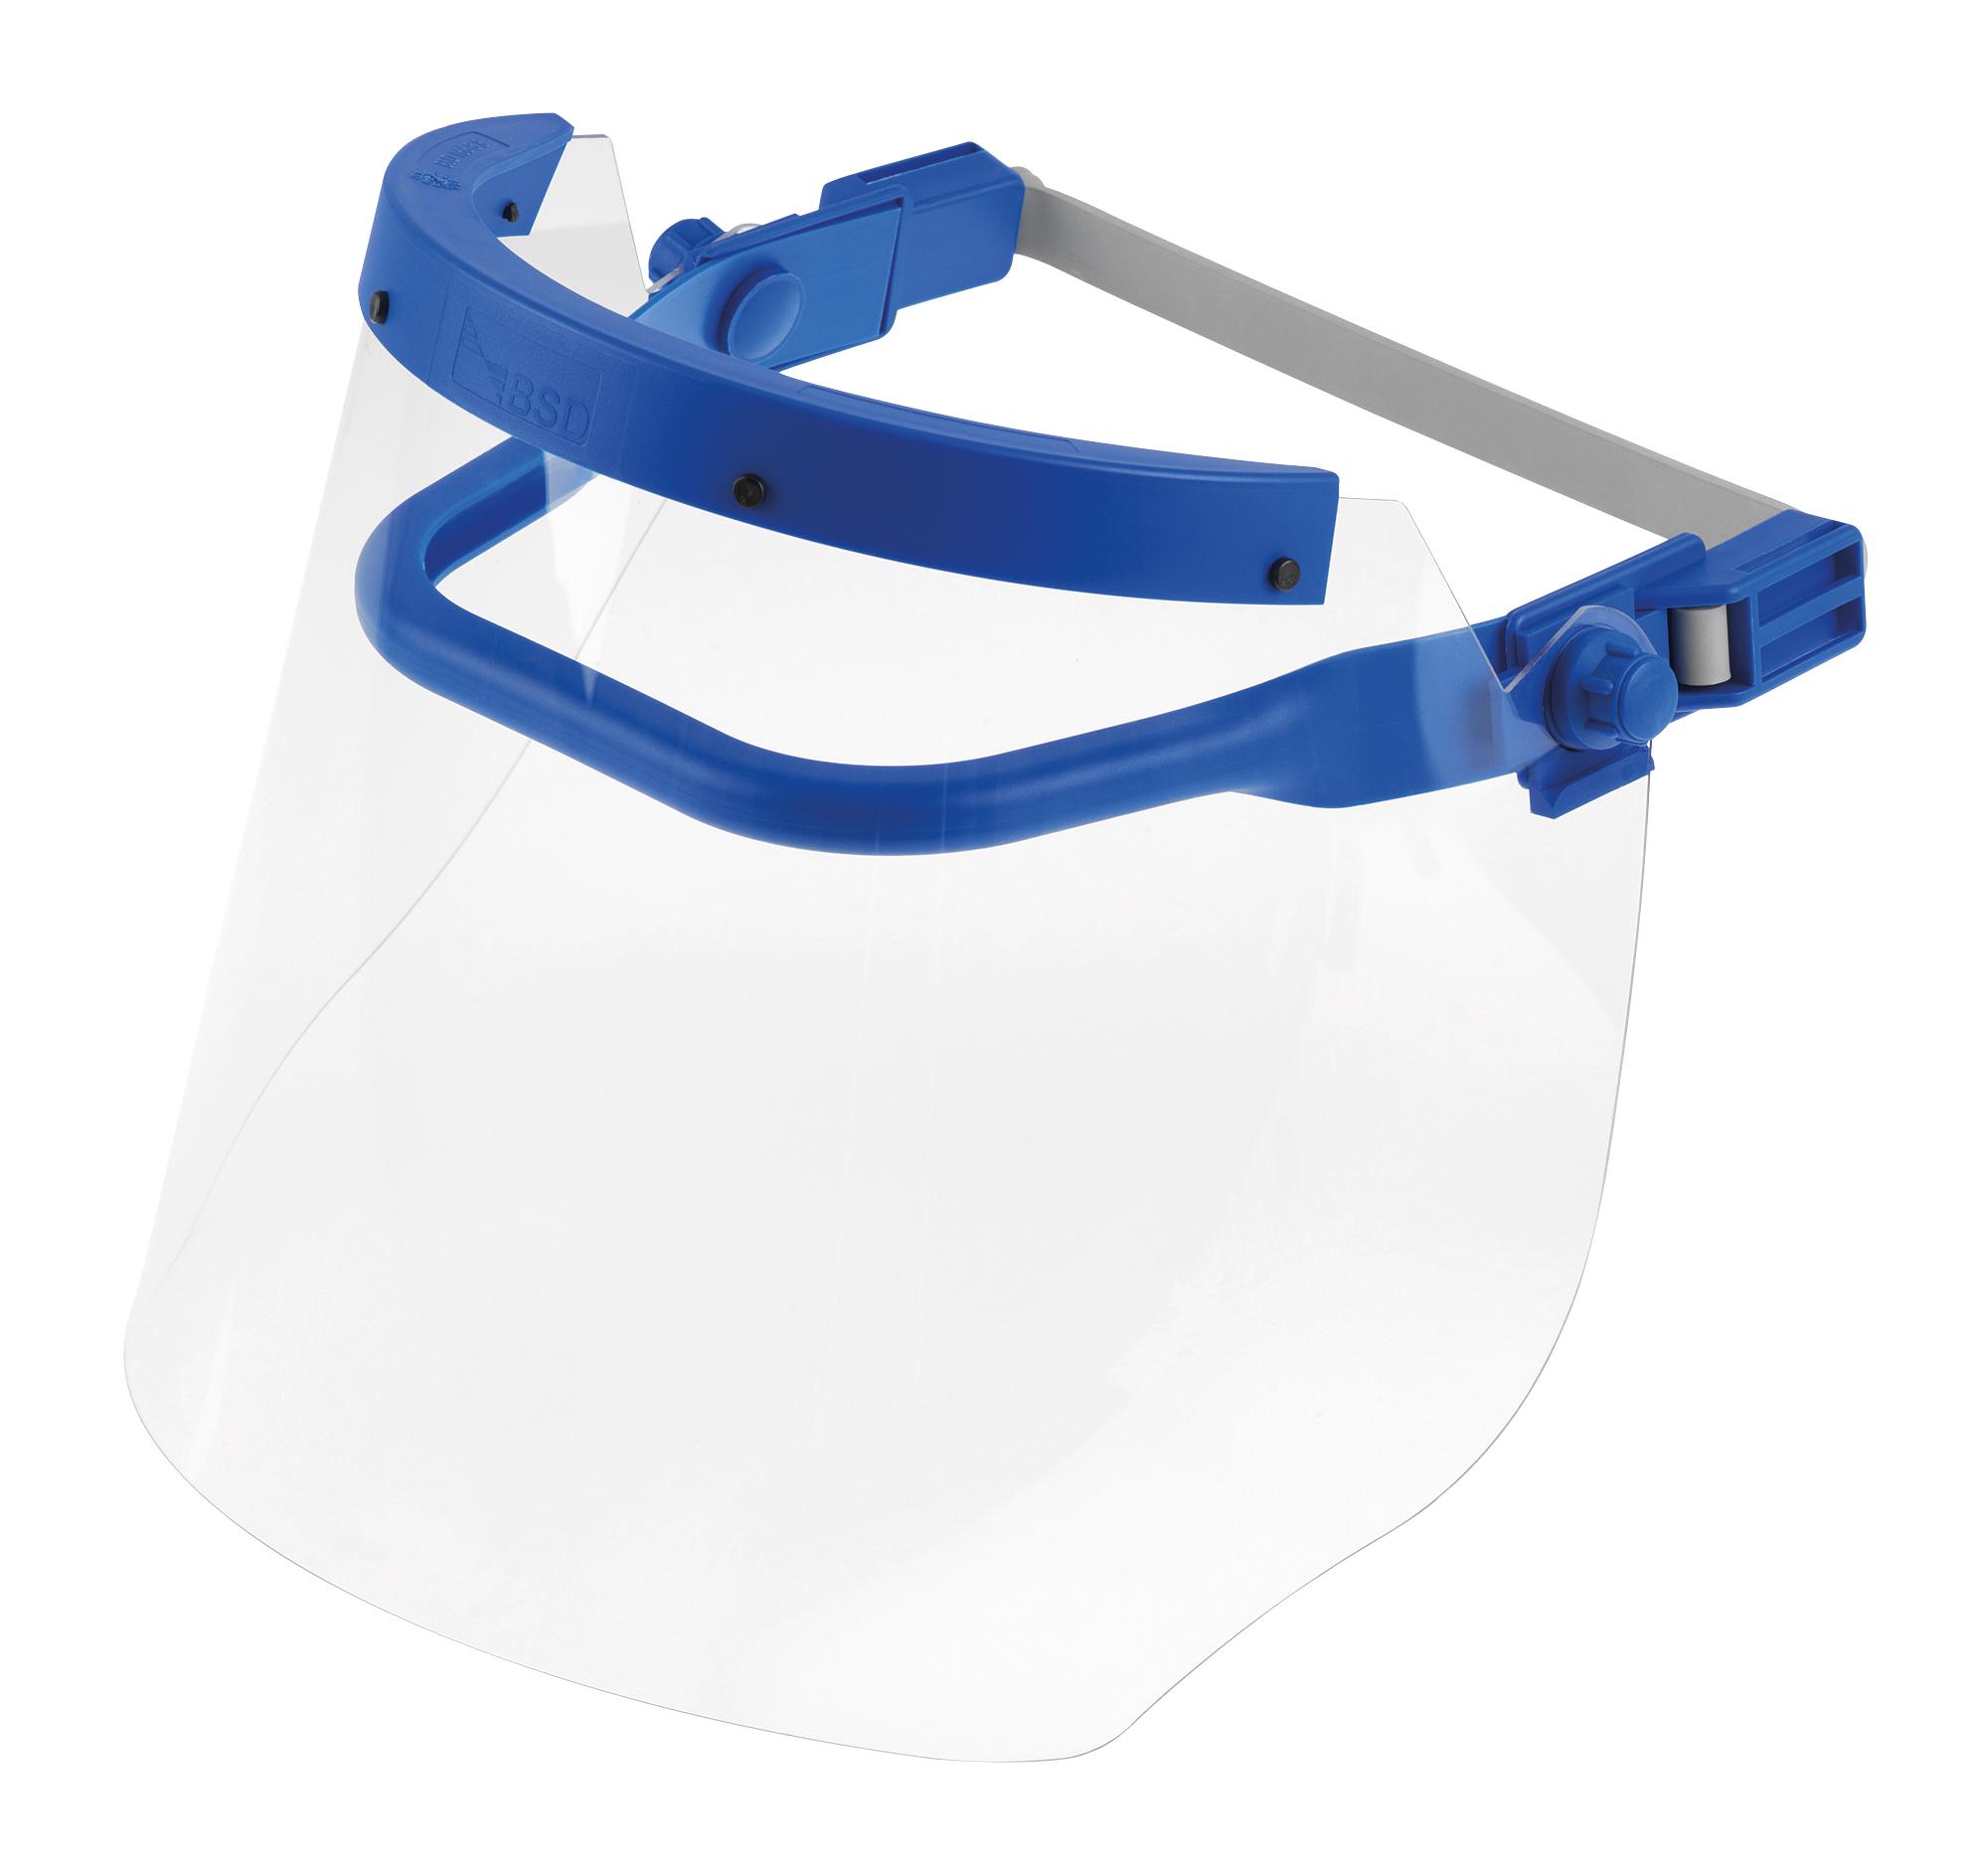 Elektriker-Gesichts-Schutzschirm